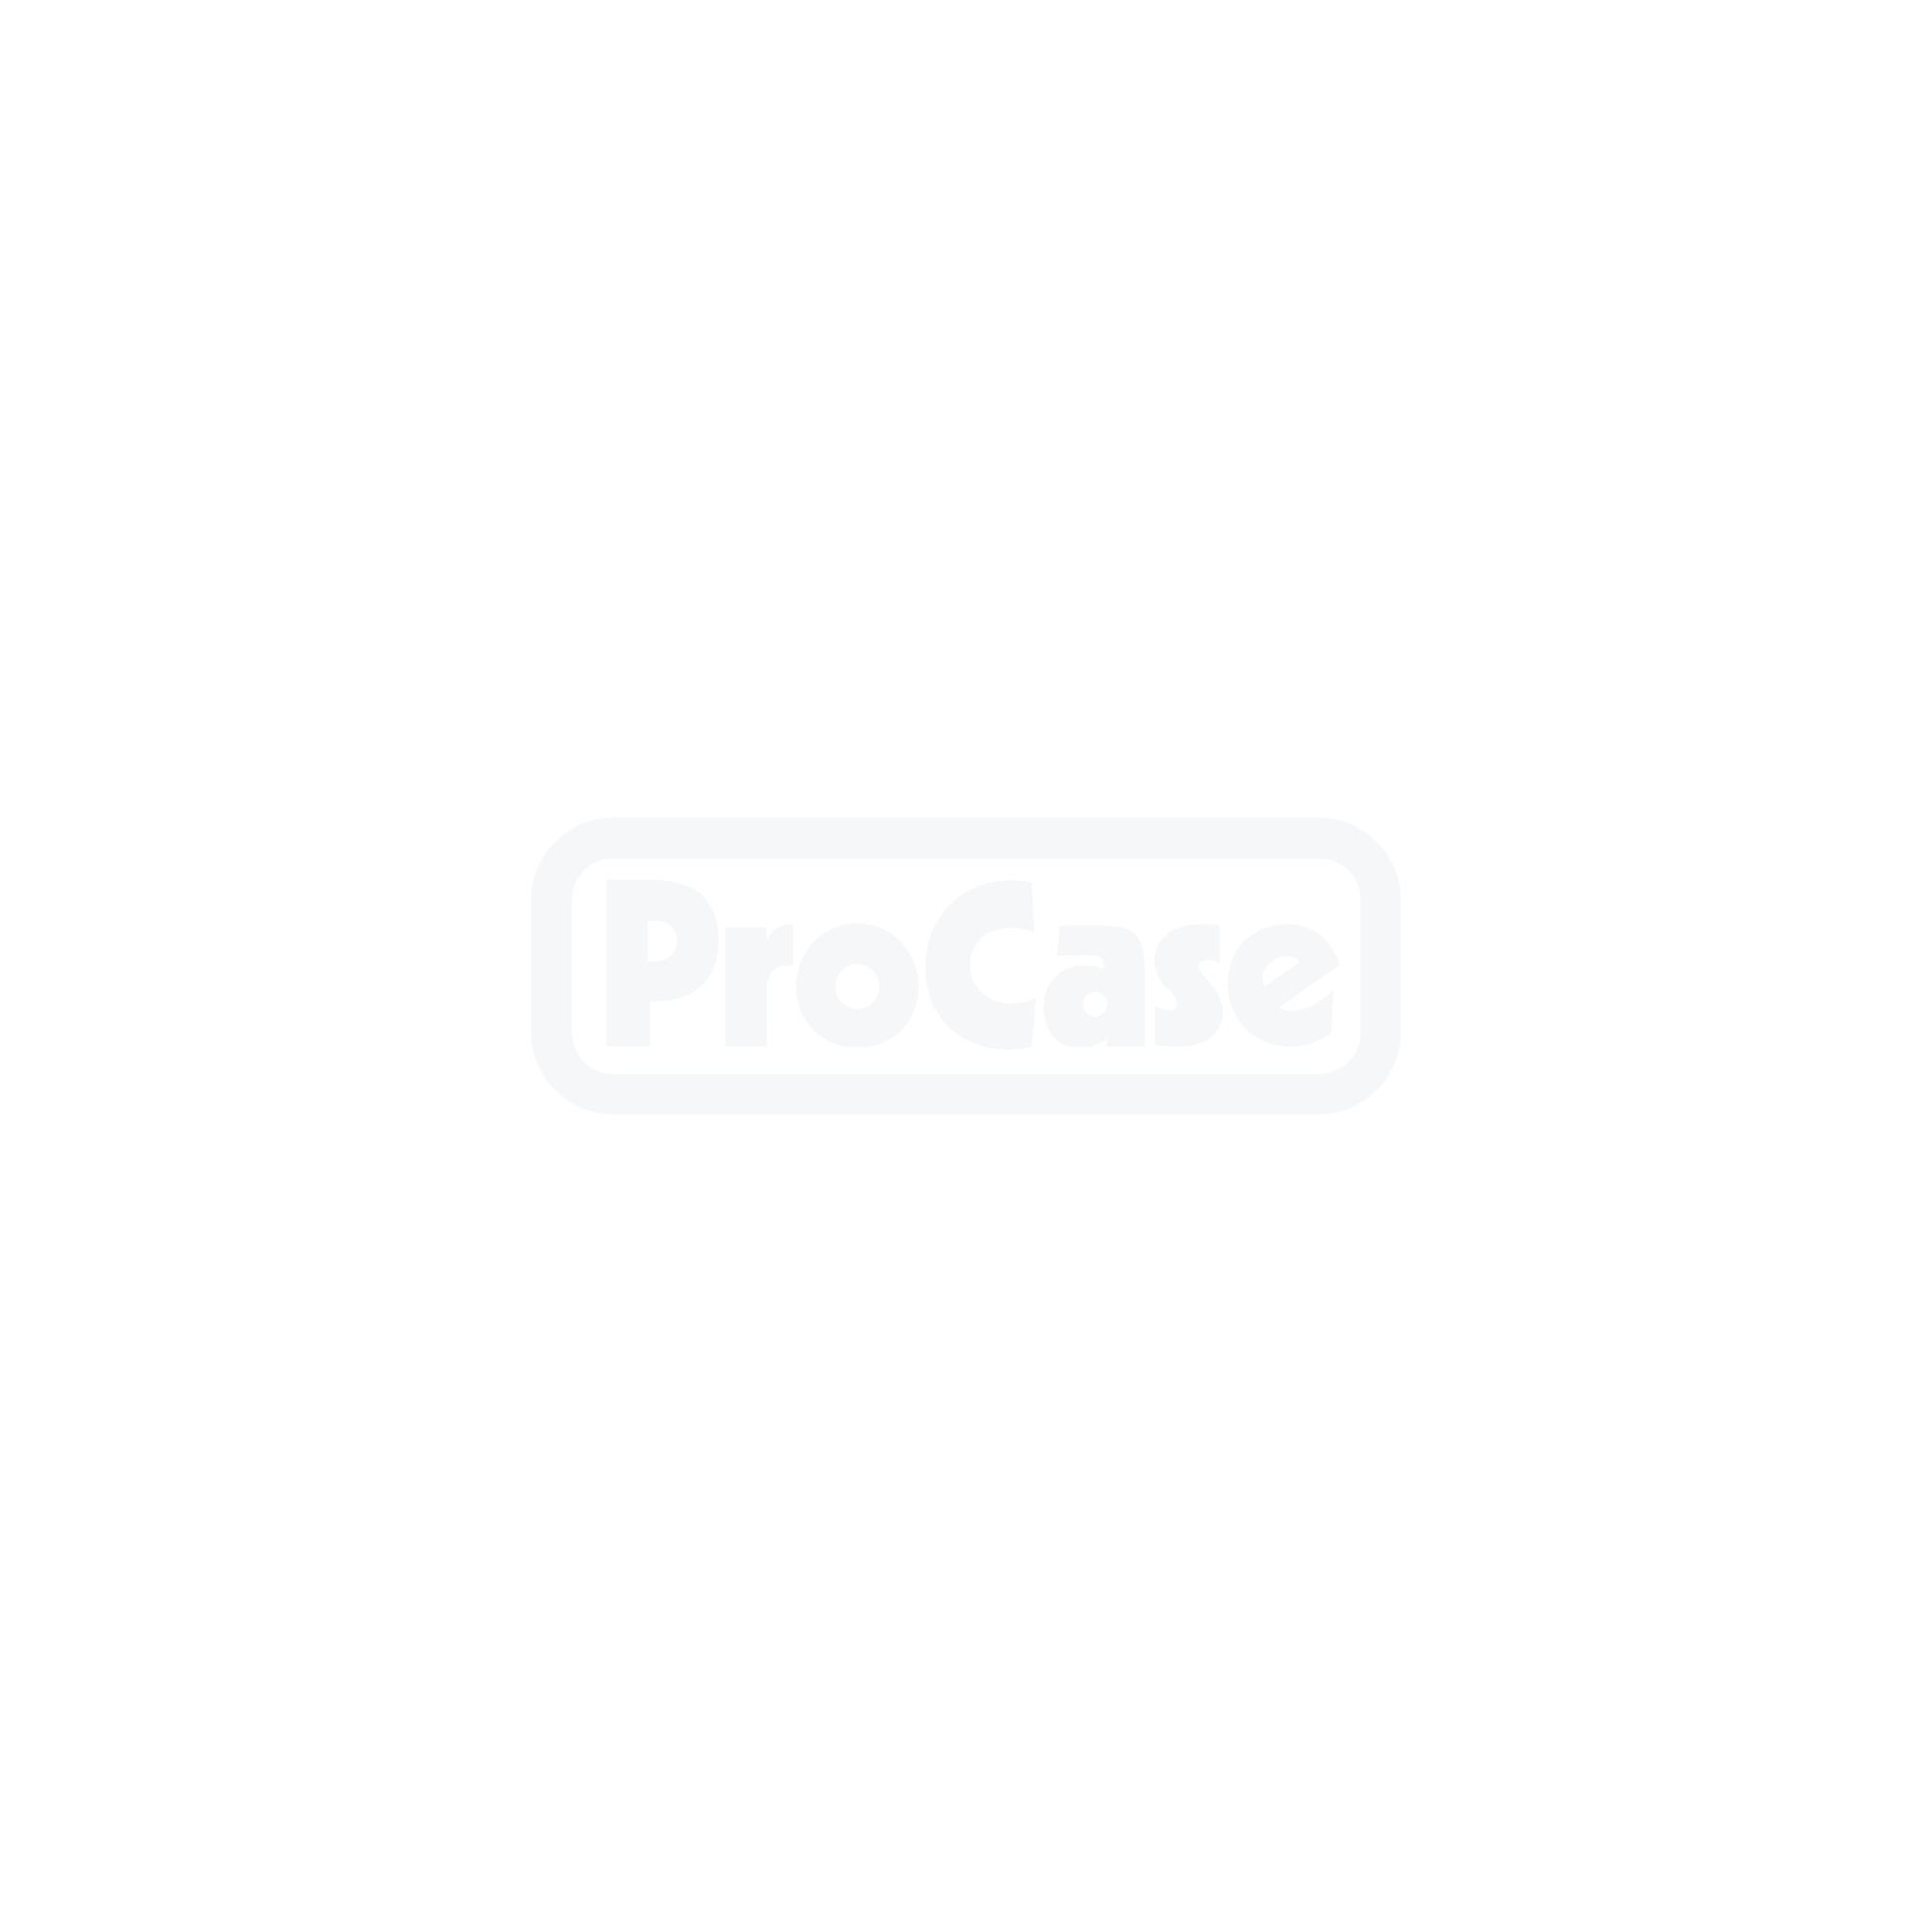 Mixercase für Allen&Heath dLive S7000 mit 2HE Unterbau 4